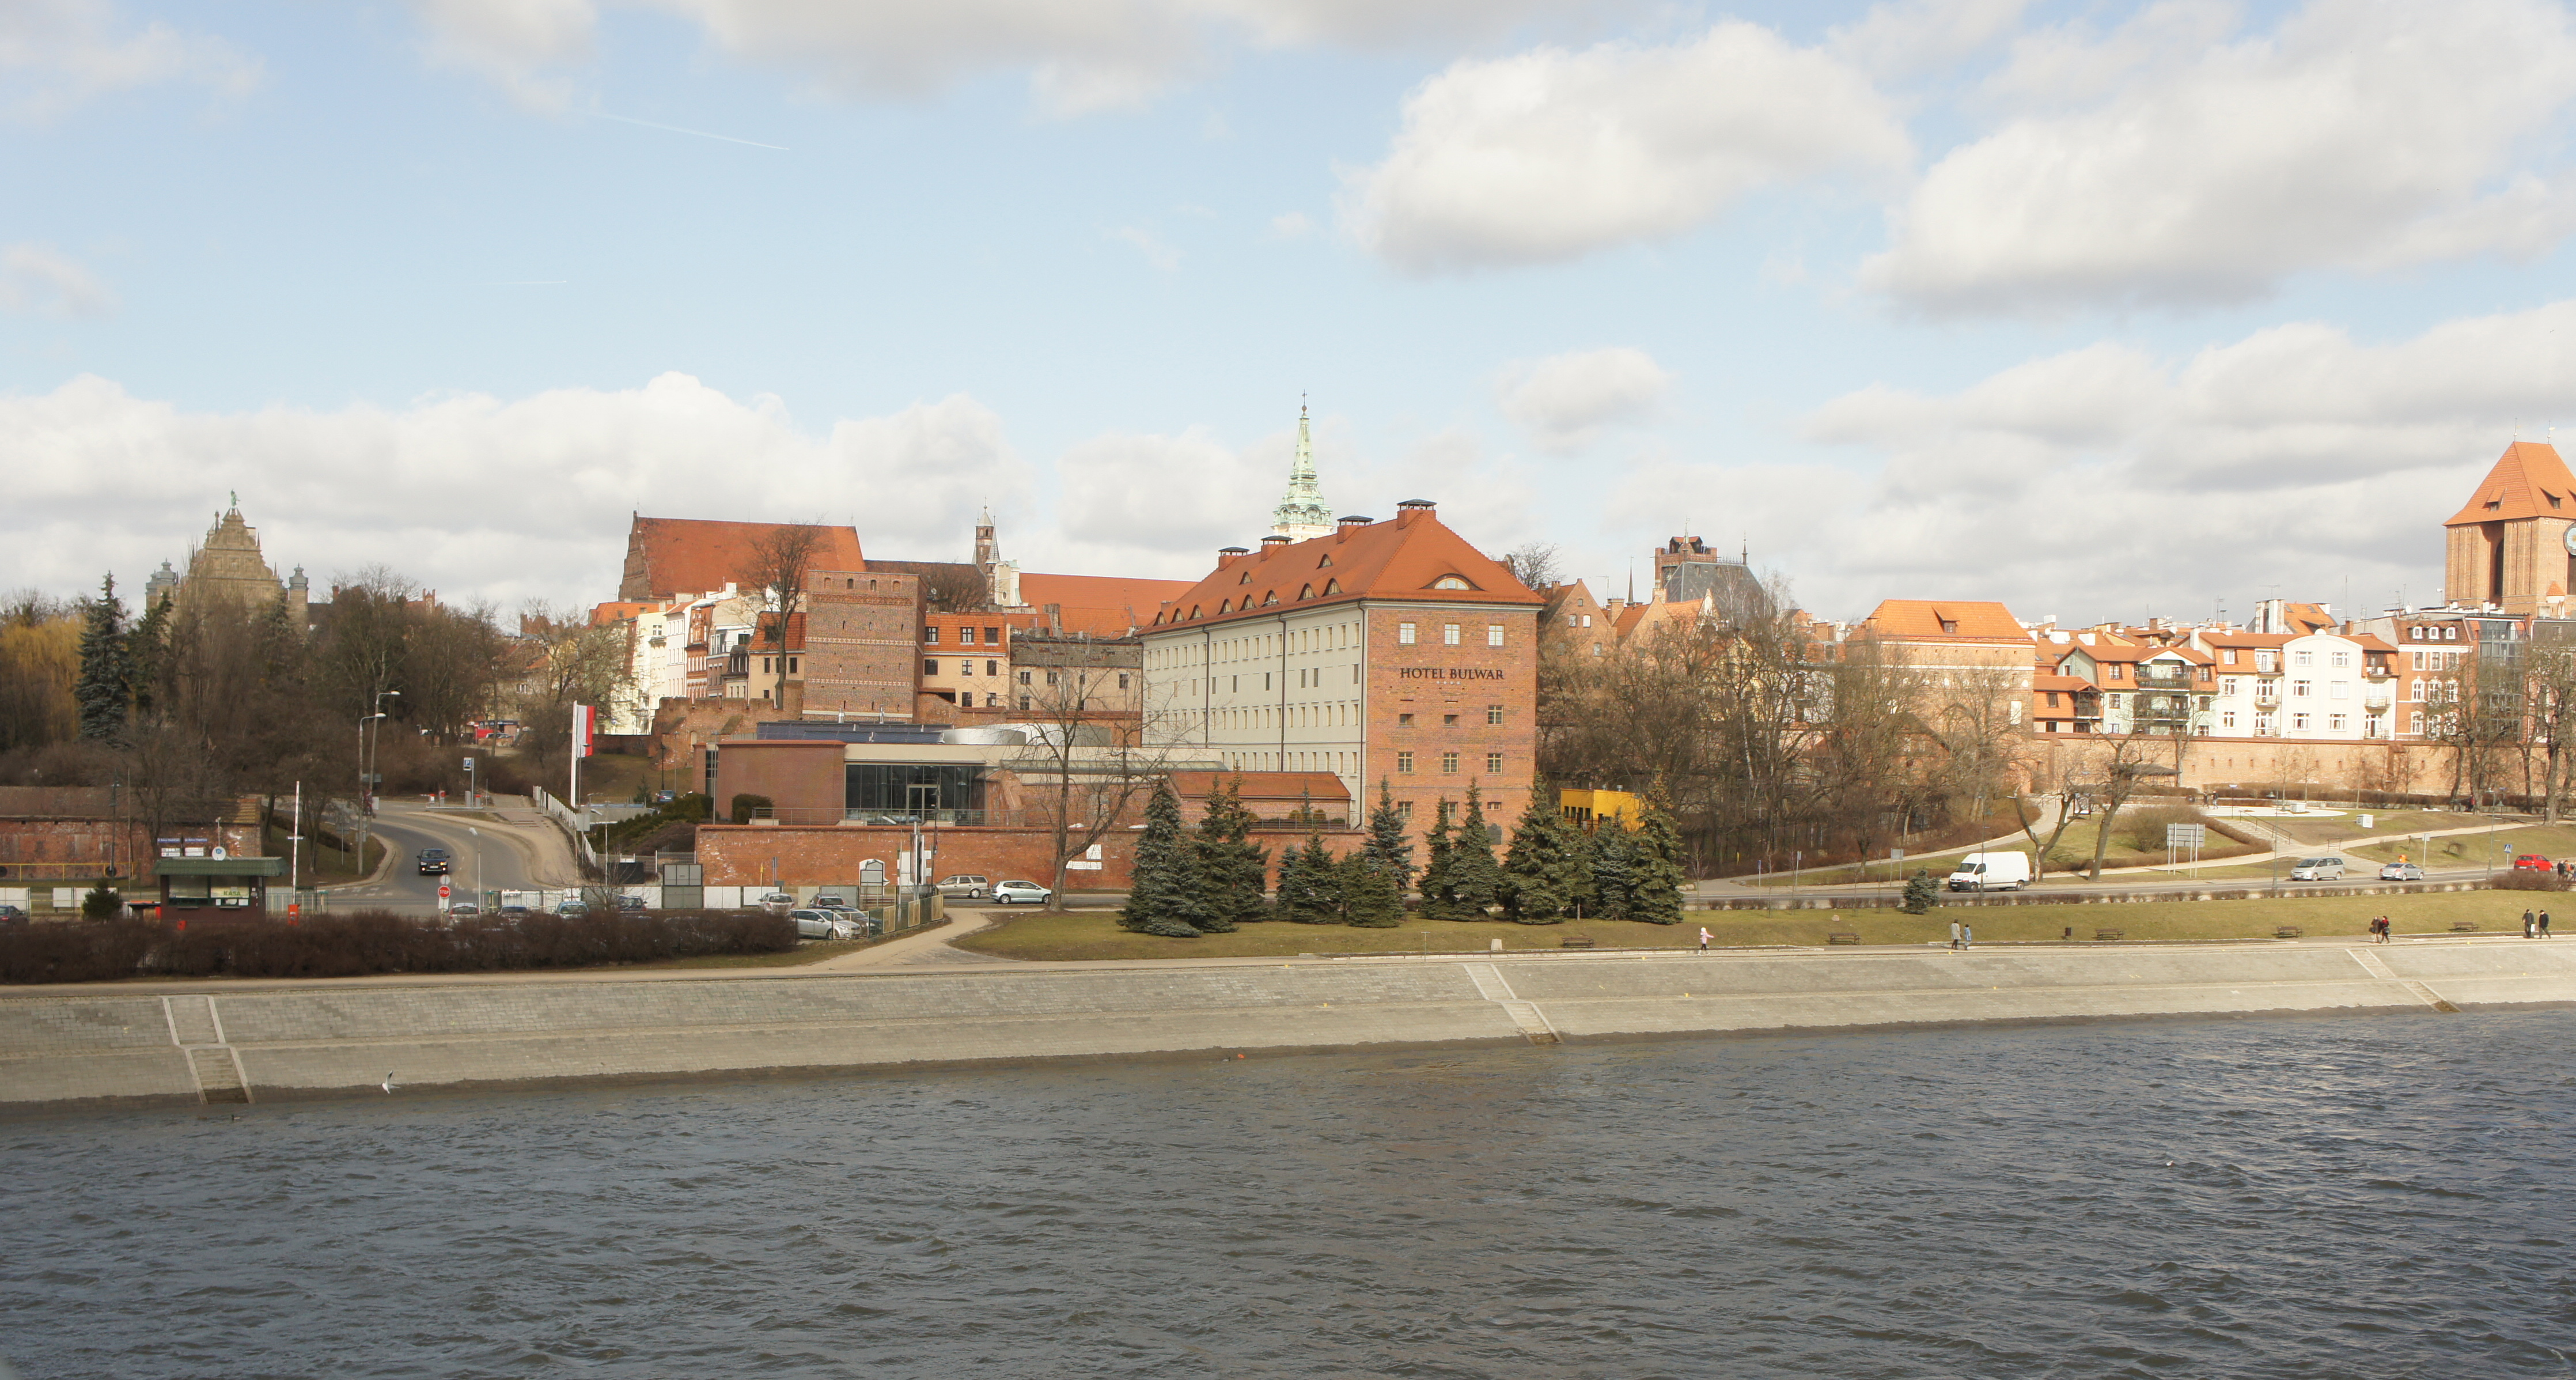 เมืองโทรุน (Torun) ถ่ายจากสะพาน